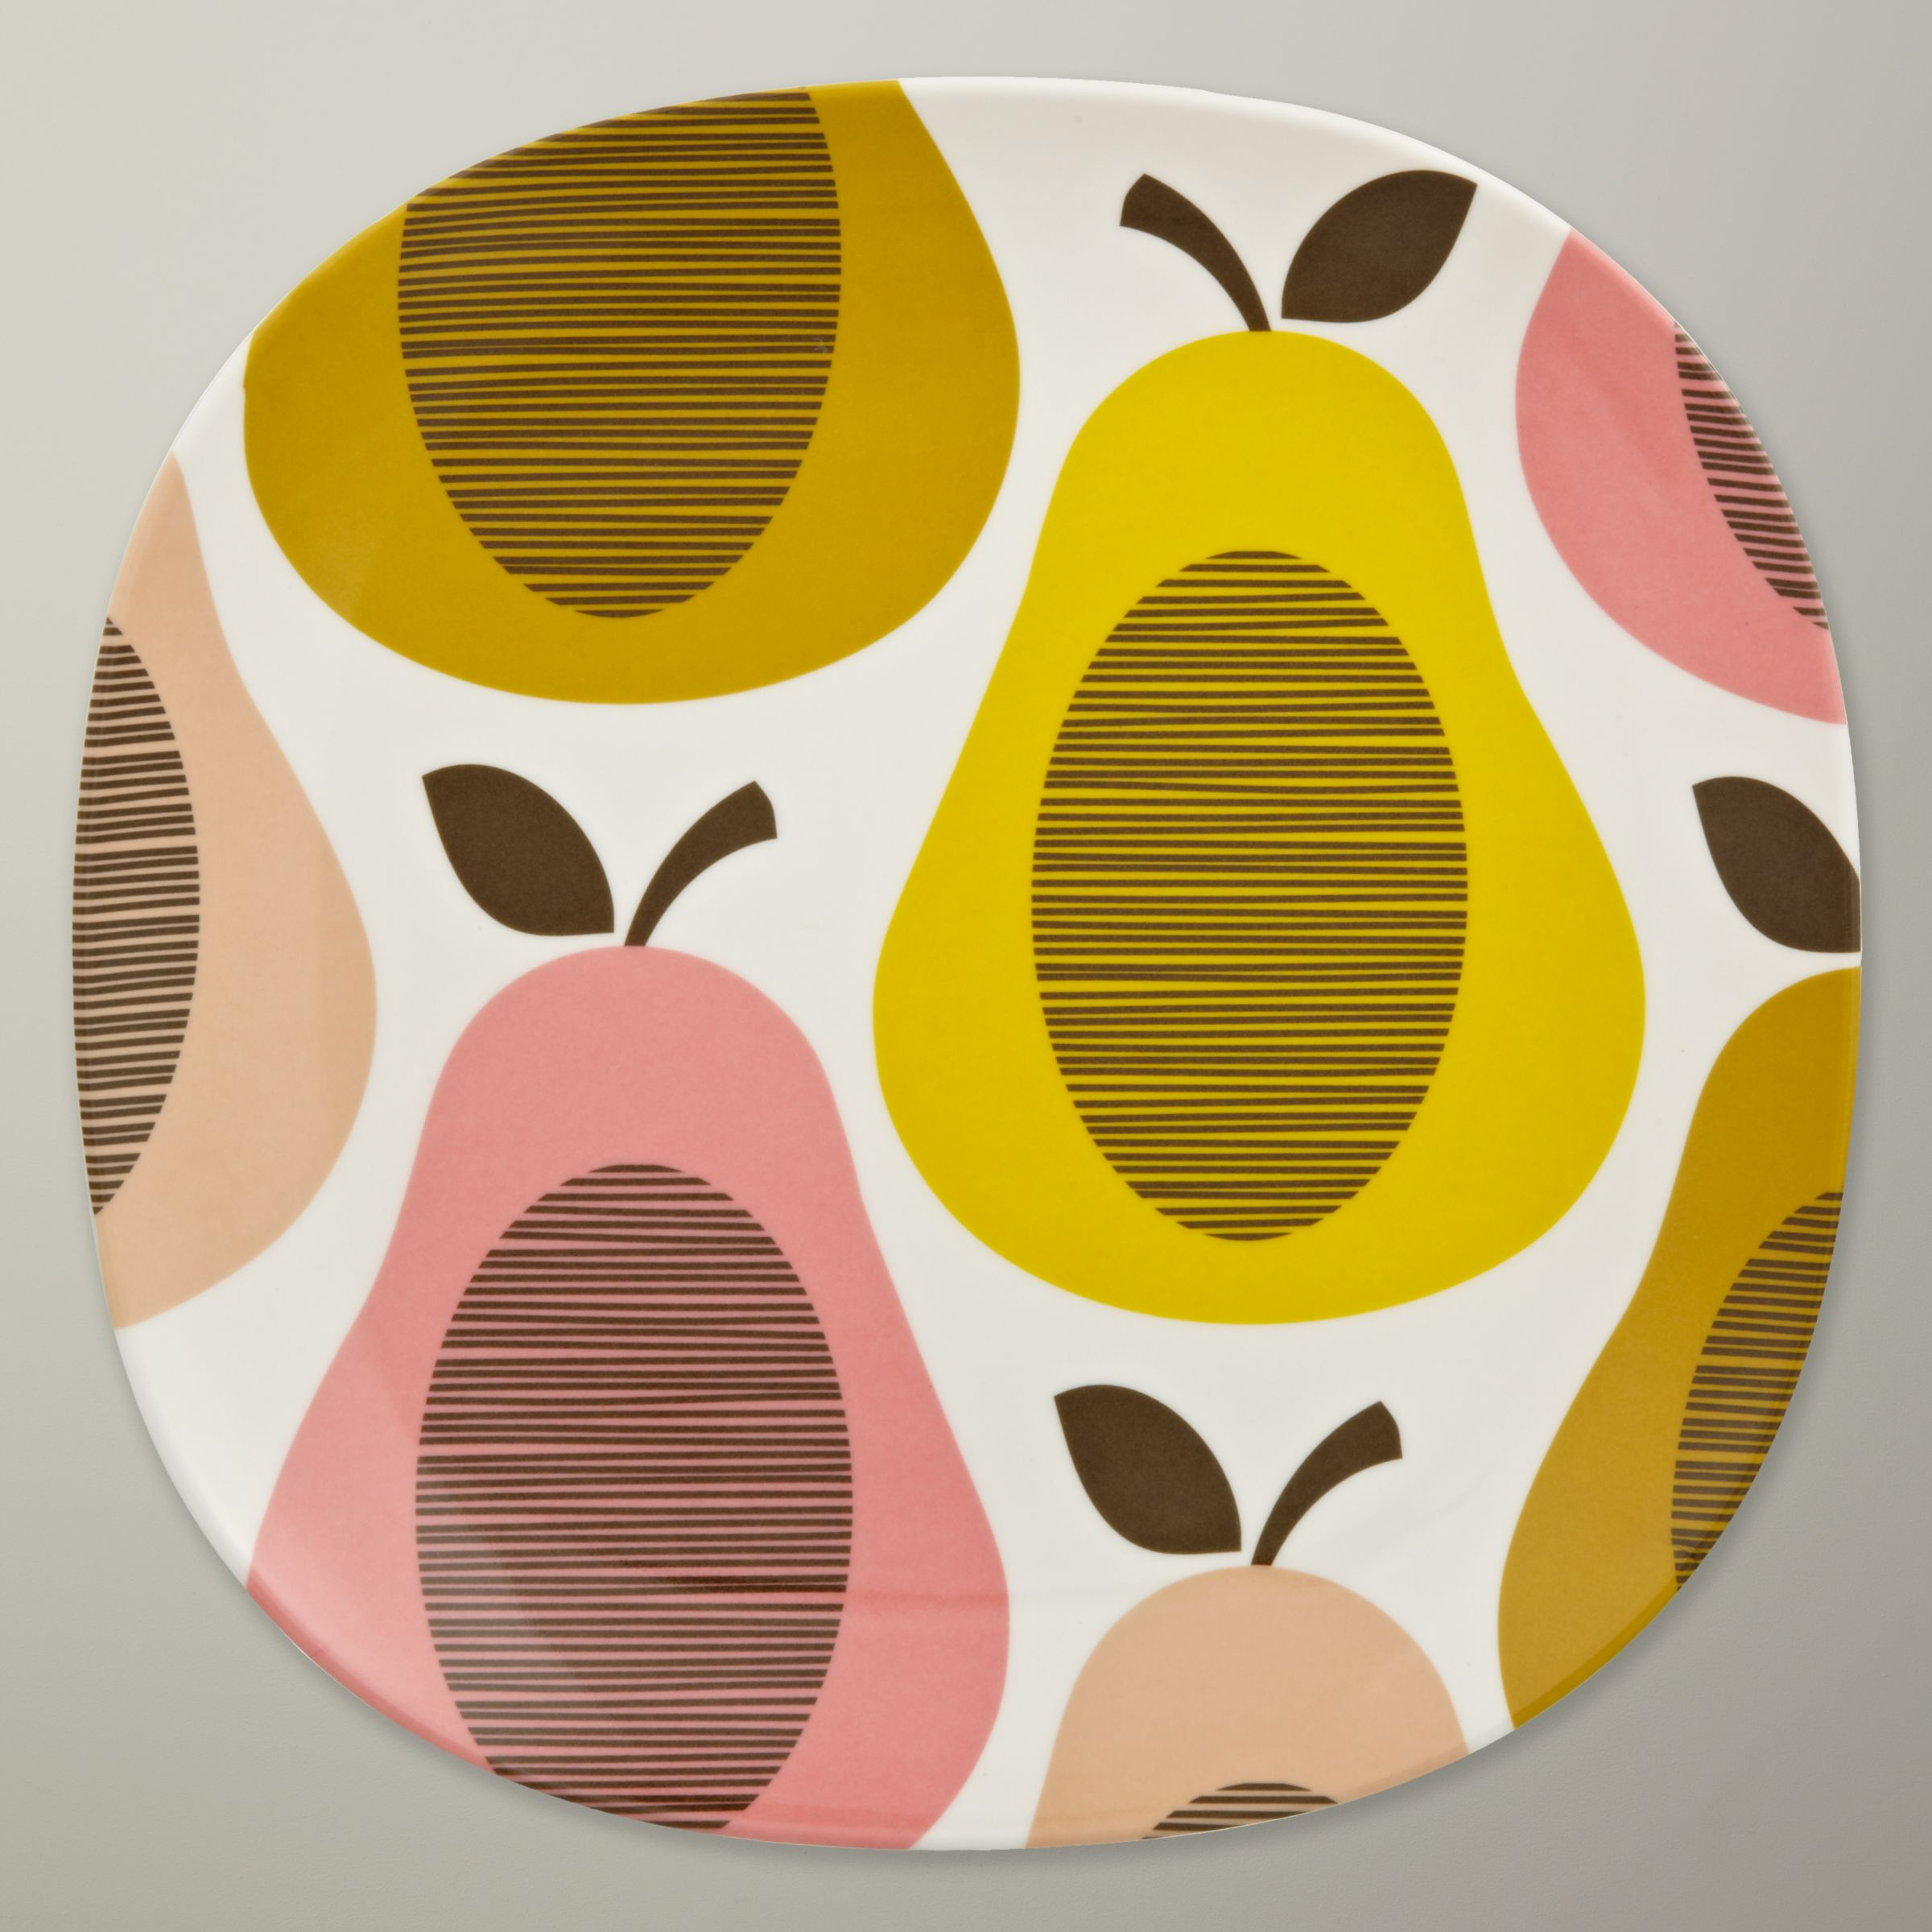 Orla Kiely Pear Melamine Side Plate, Candy Floss